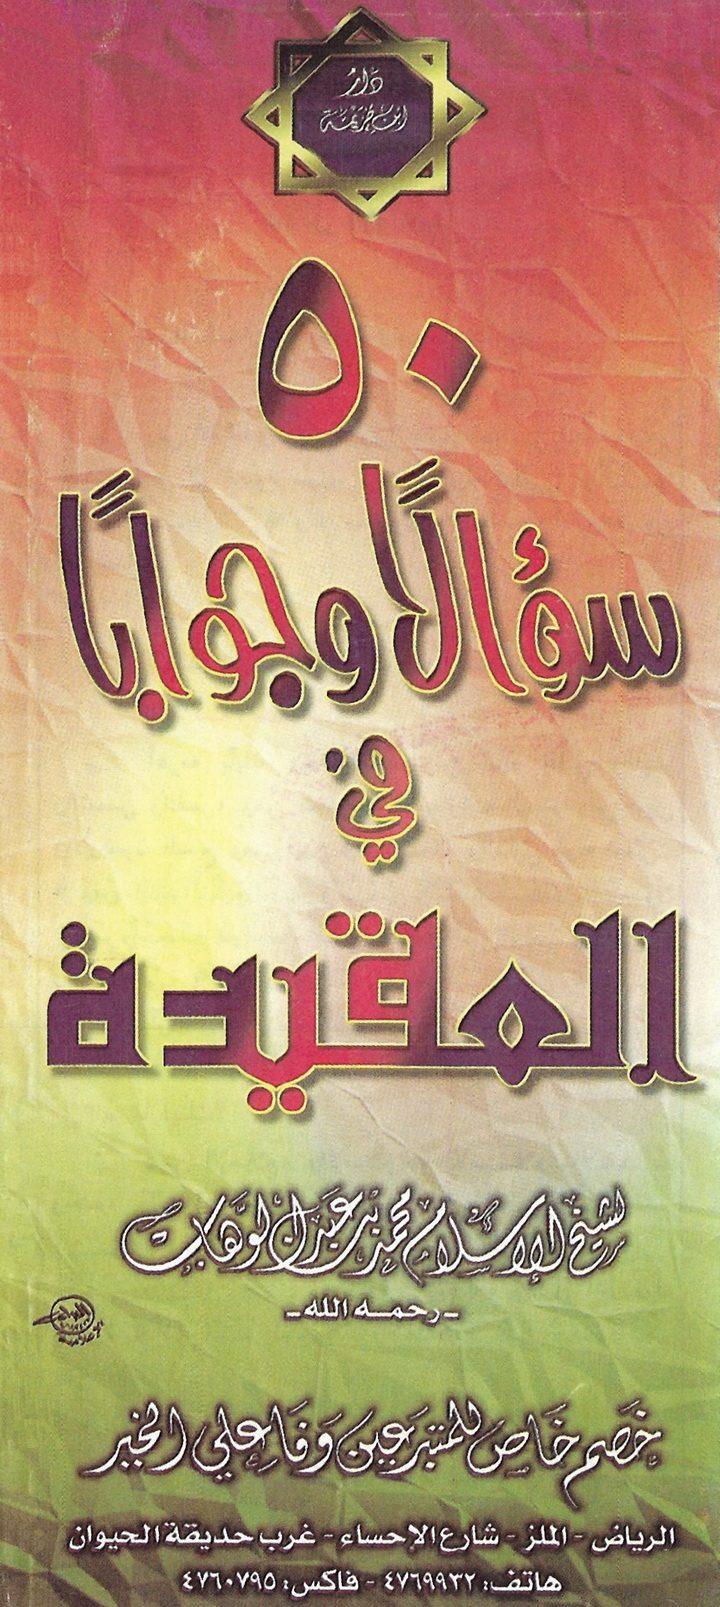 50 سؤالا وجوابا في العقيدة (محمد بن عبد الوهاب – دار ابن خزيمة)